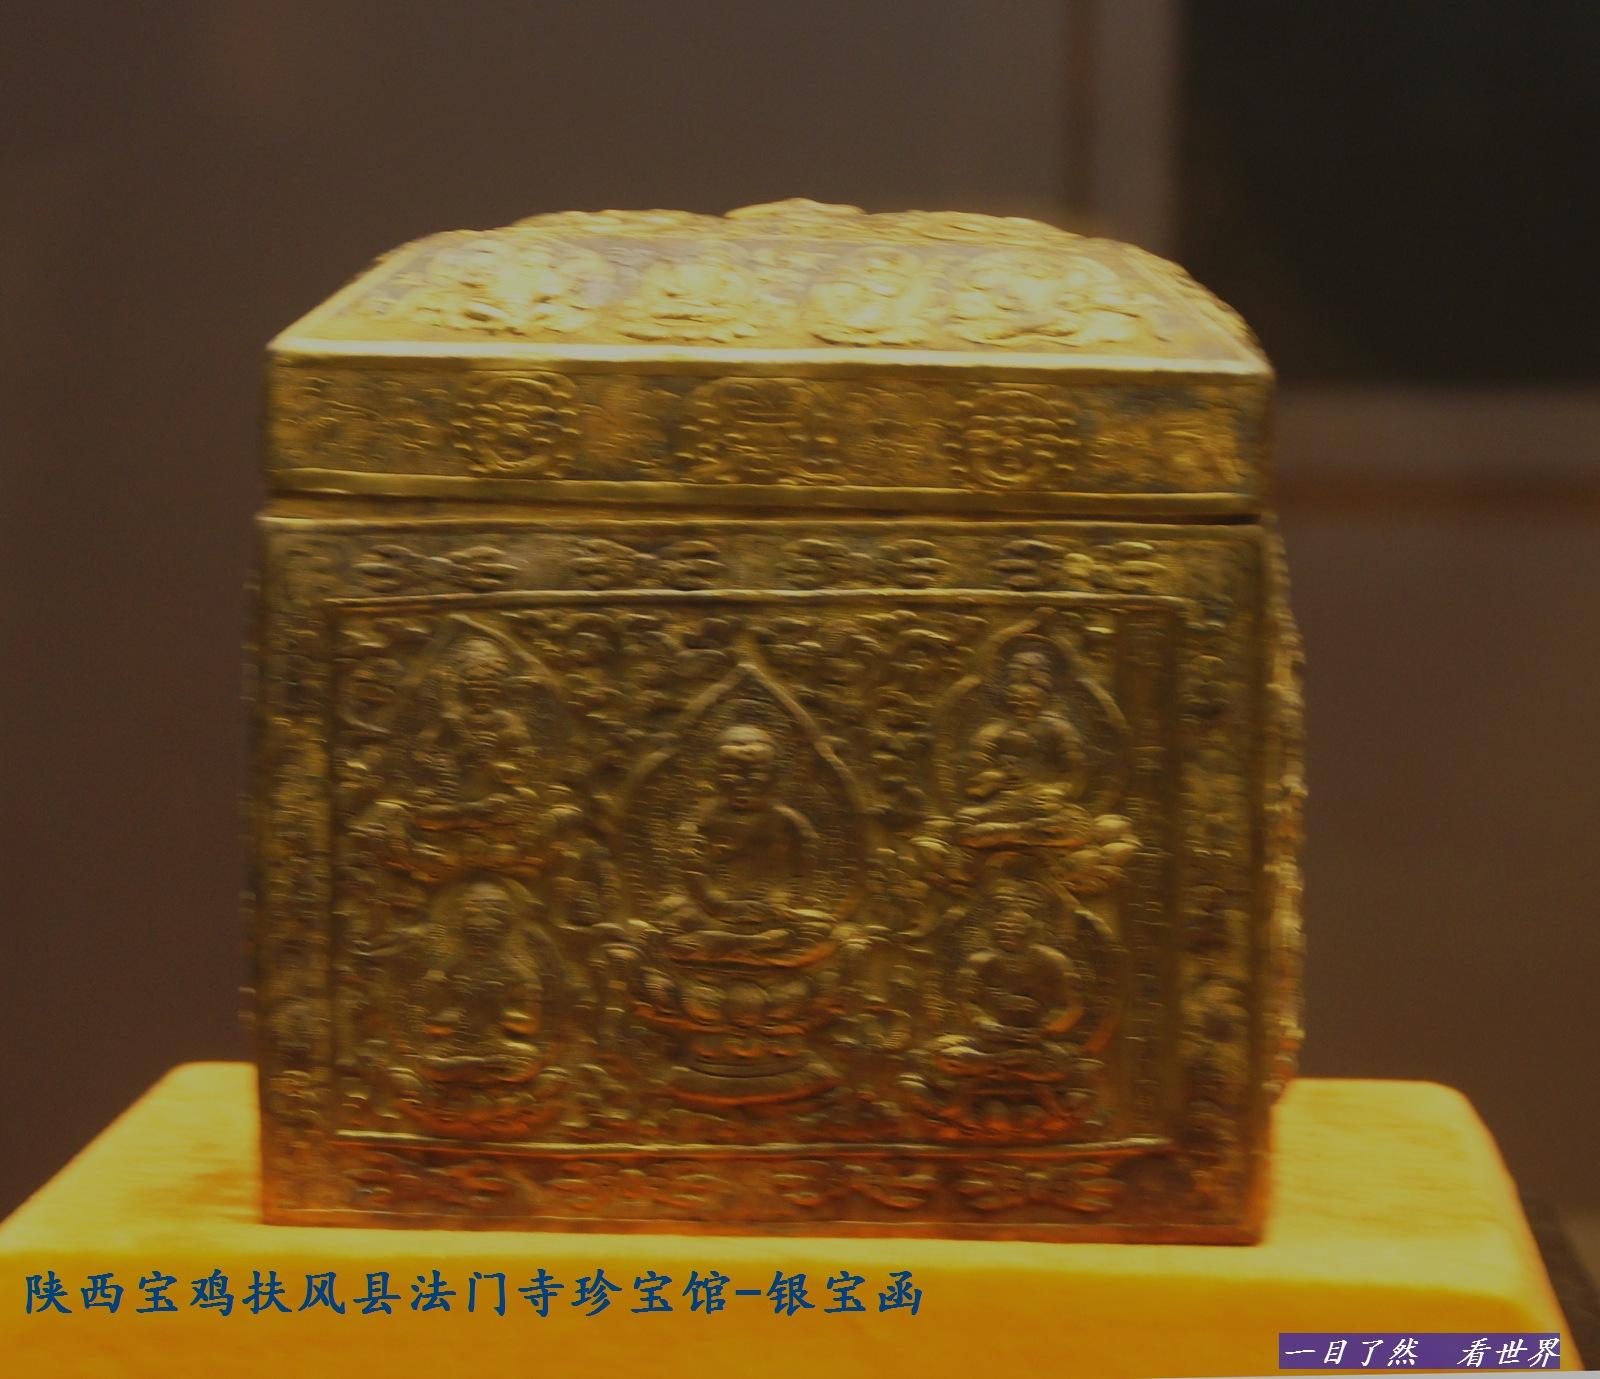 法门寺-珍宝馆-银宝函-94-1600.jpg